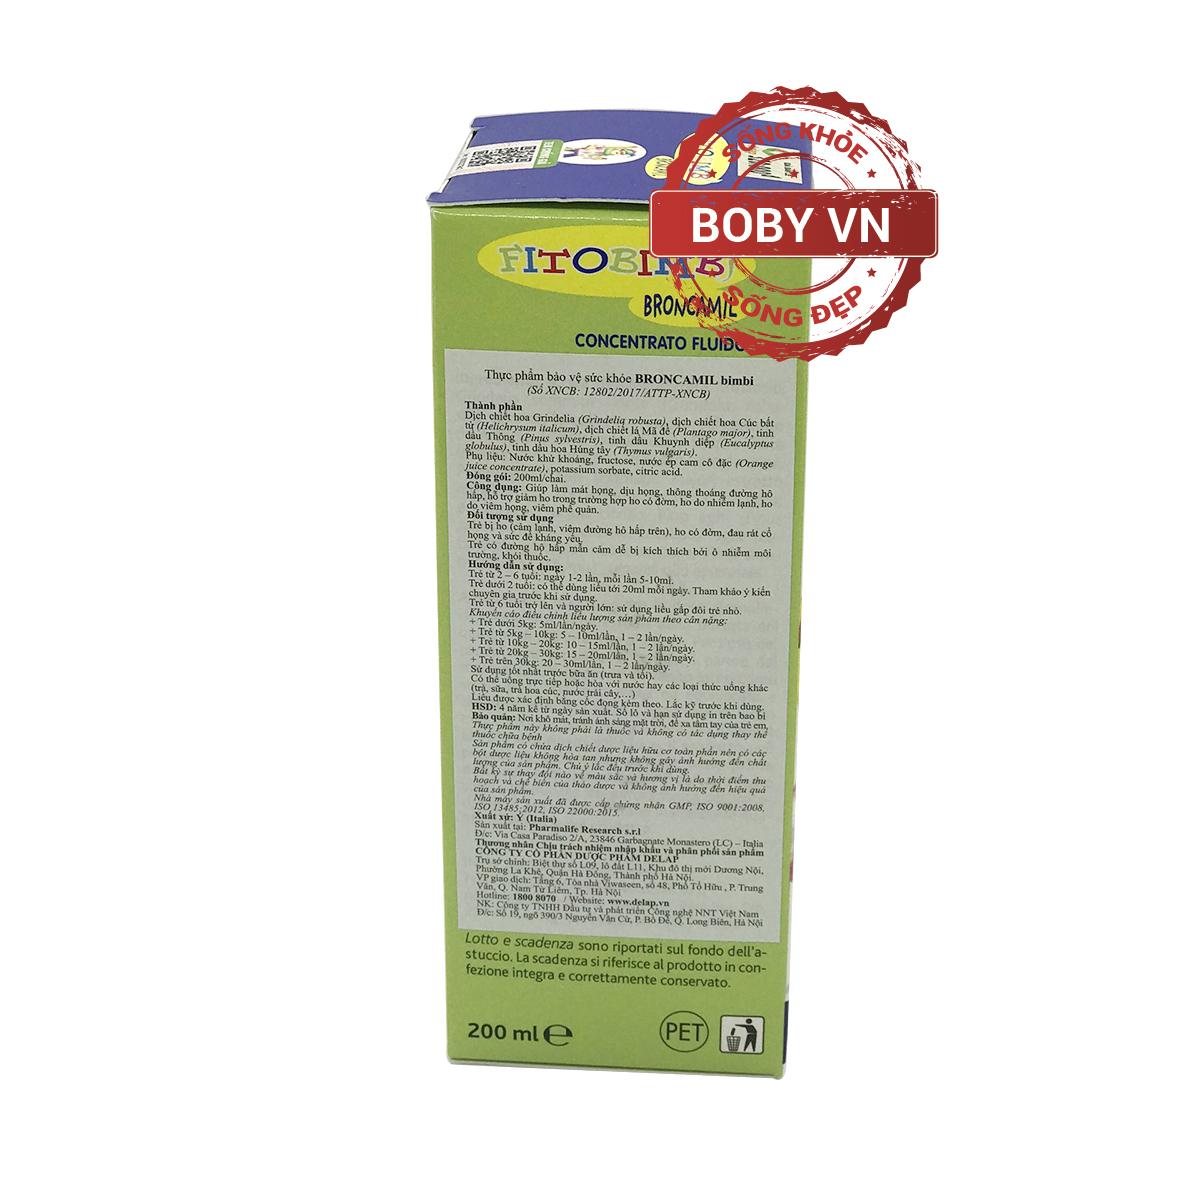 Fitobimbi Broncamil hỗ trợ giảm ho cho bé - Nhập khẩu từ Ý